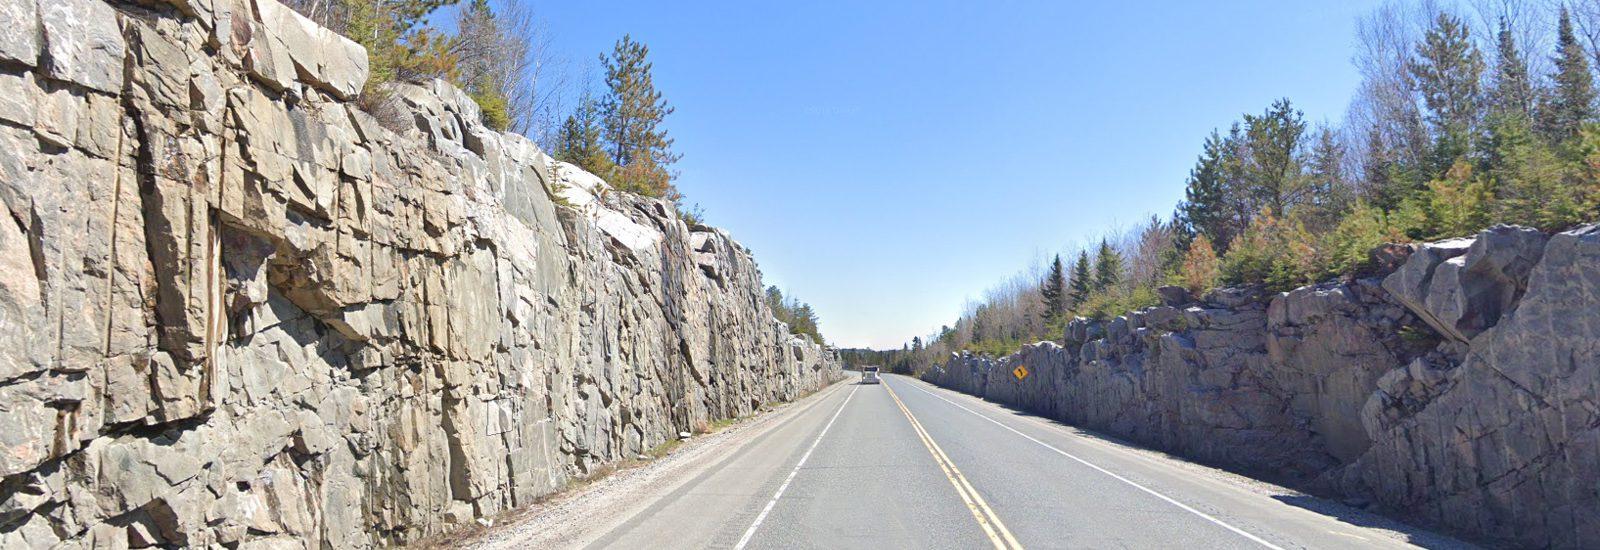 Rock cut on Highway 17A - Kenora Bypass